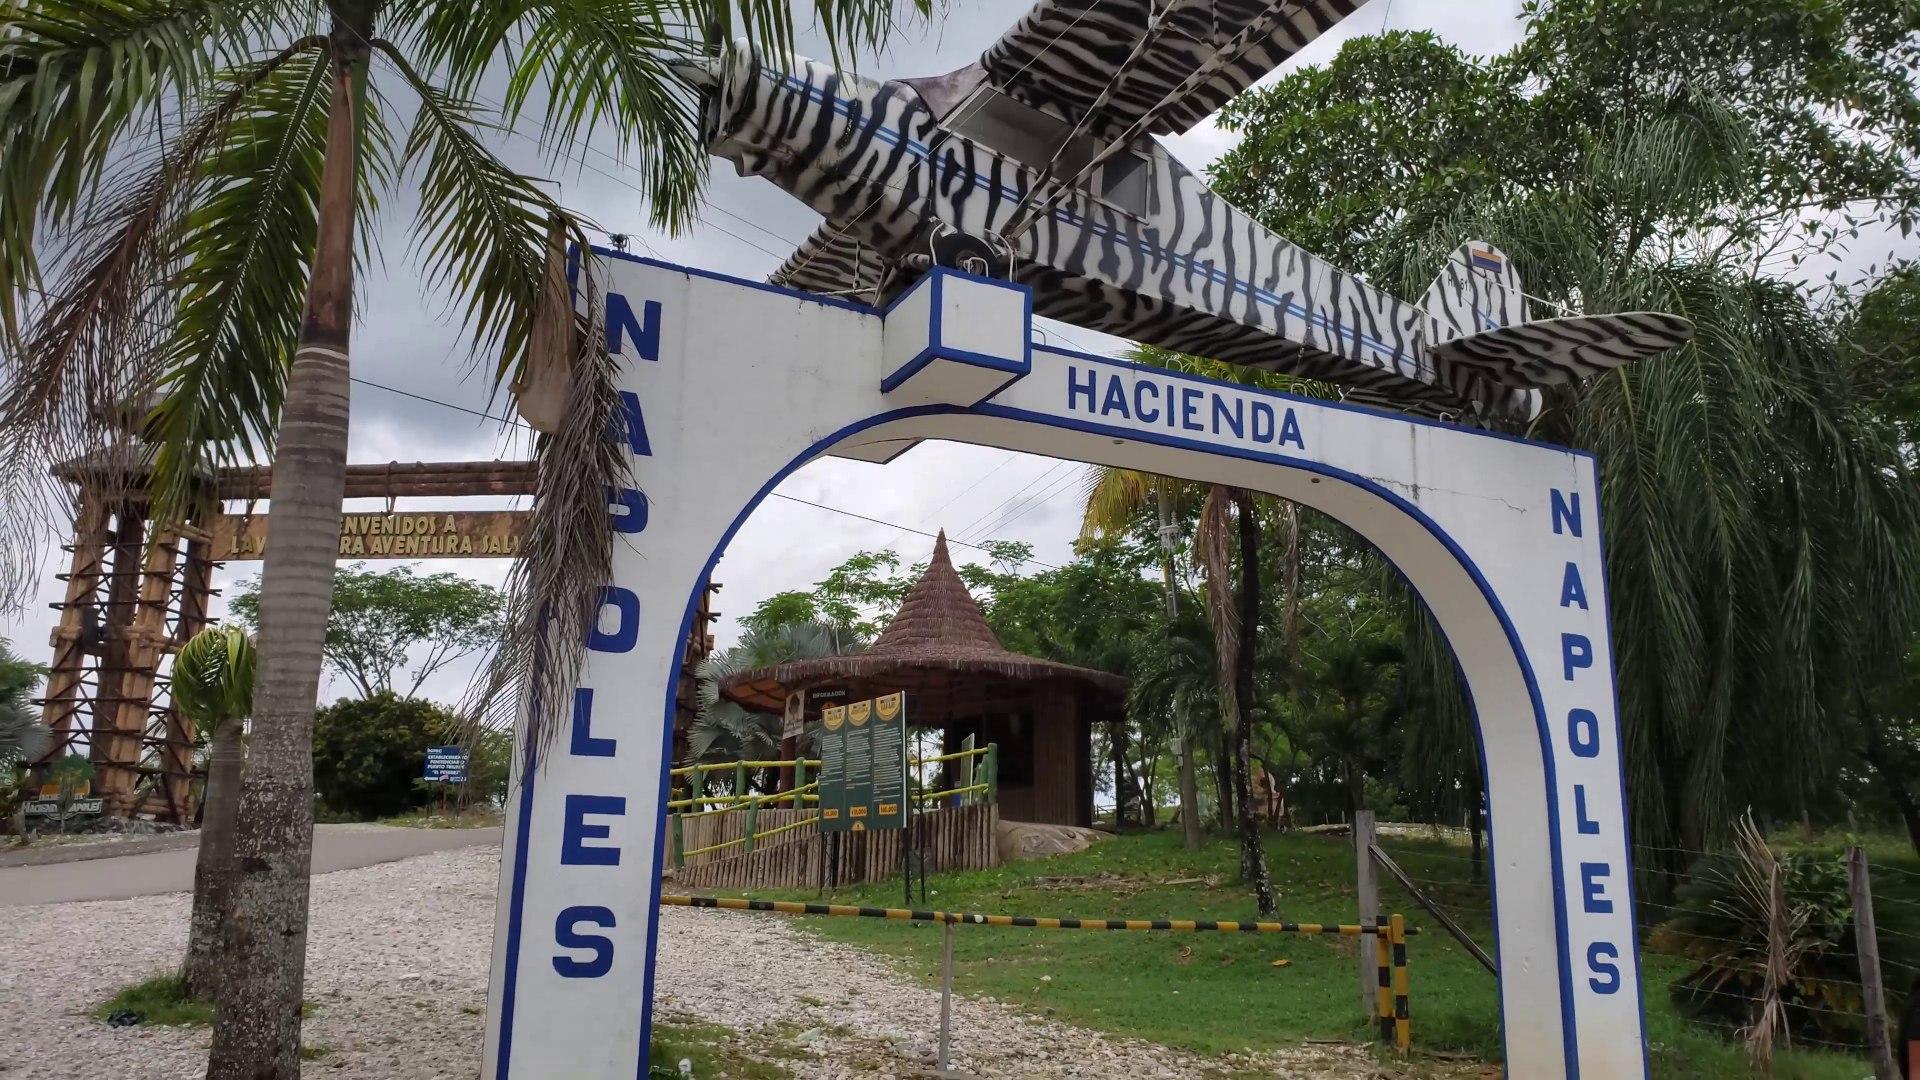 Visitando La Antigua Finca De Pablo Escobar 4k Hoy Conocida Como La Hacienda Napoles